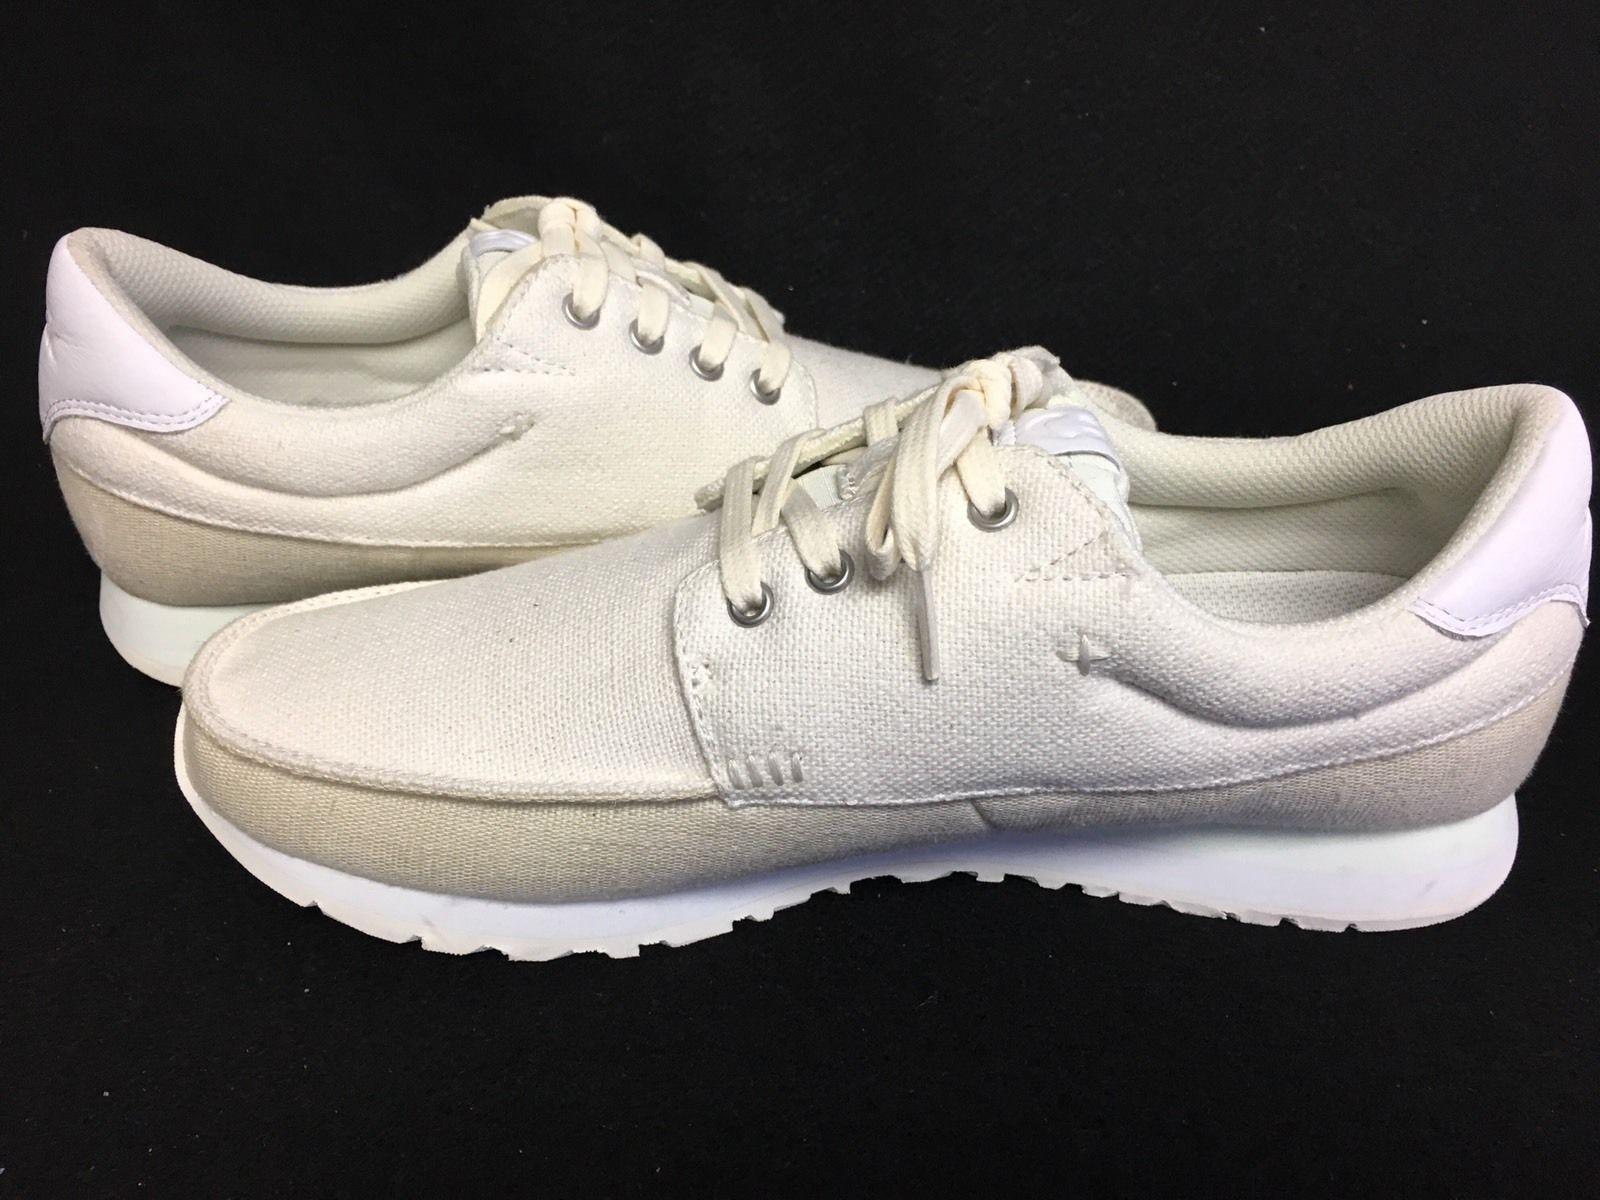 2018 NWOB MENS SANUK BEER RUNNER SHOES  9 white cream sneaker tennis shoe